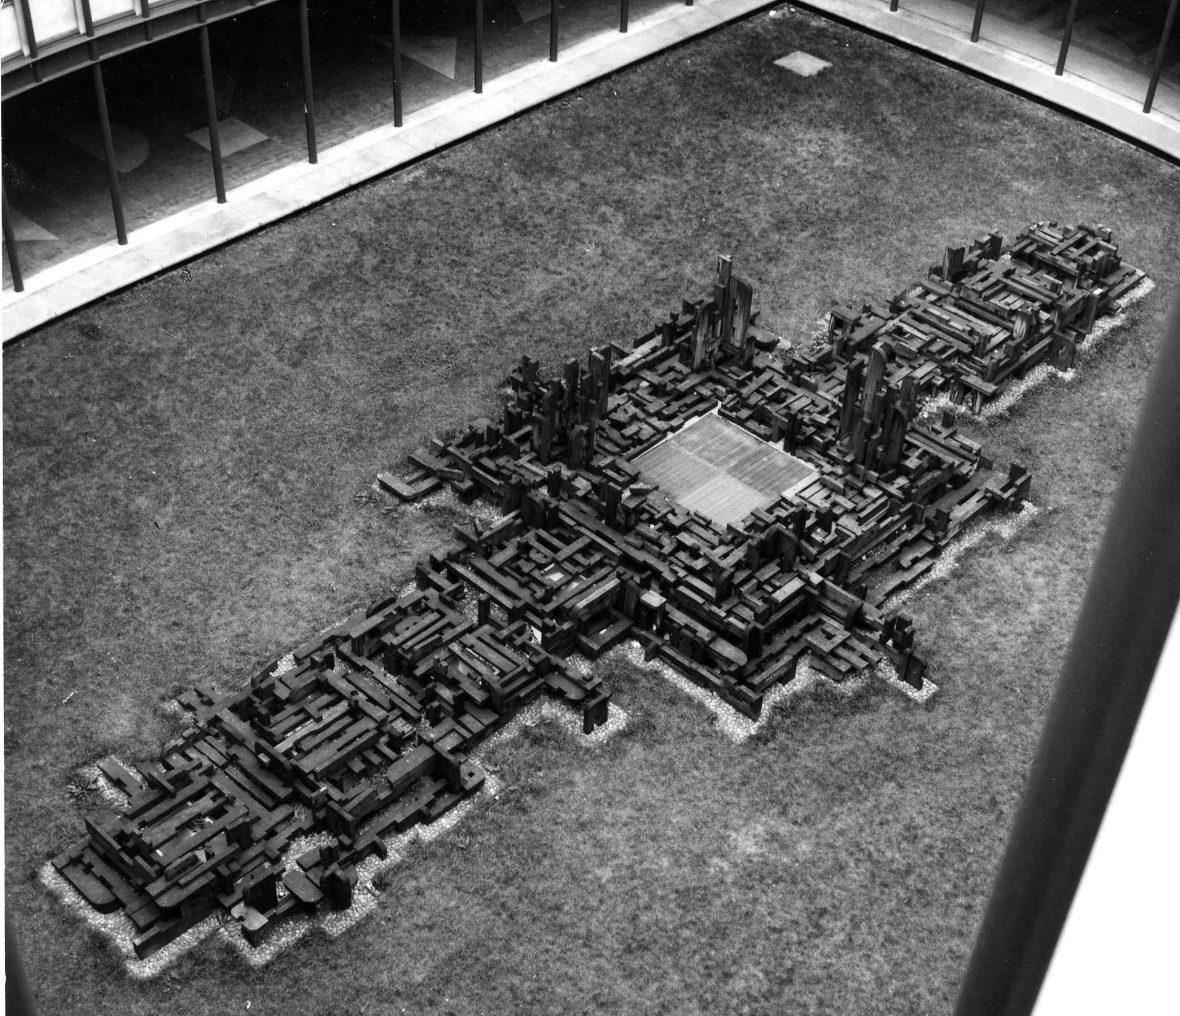 <p>Le labyrinthe de Jussieu</p>